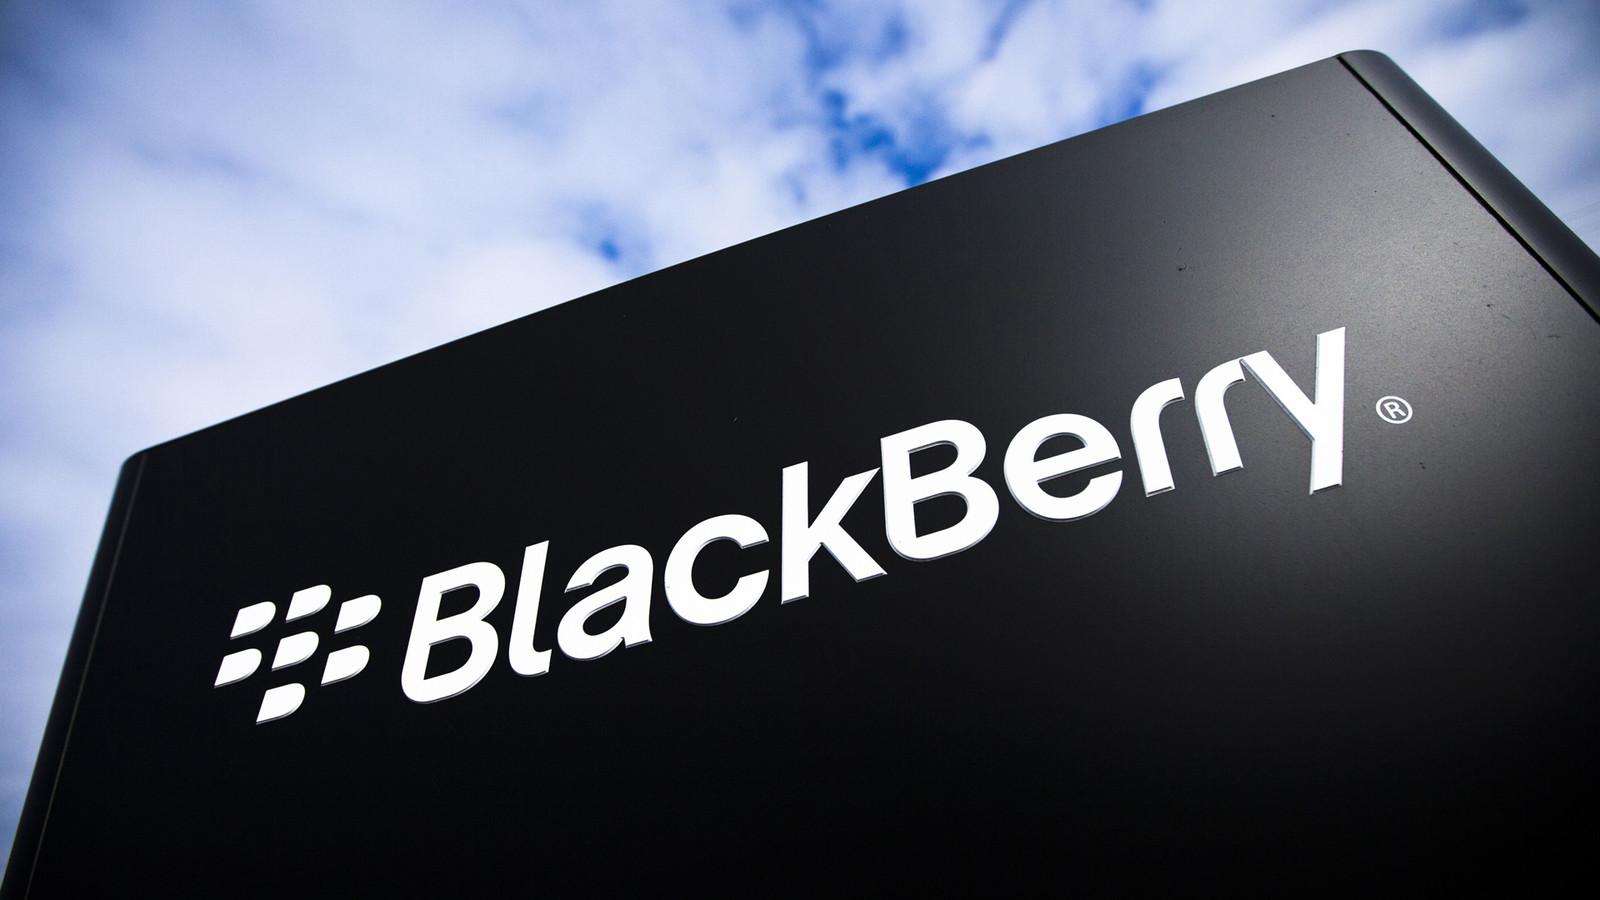 BlackBerry получила выручку и прибыль выше ожиданий аналитиков